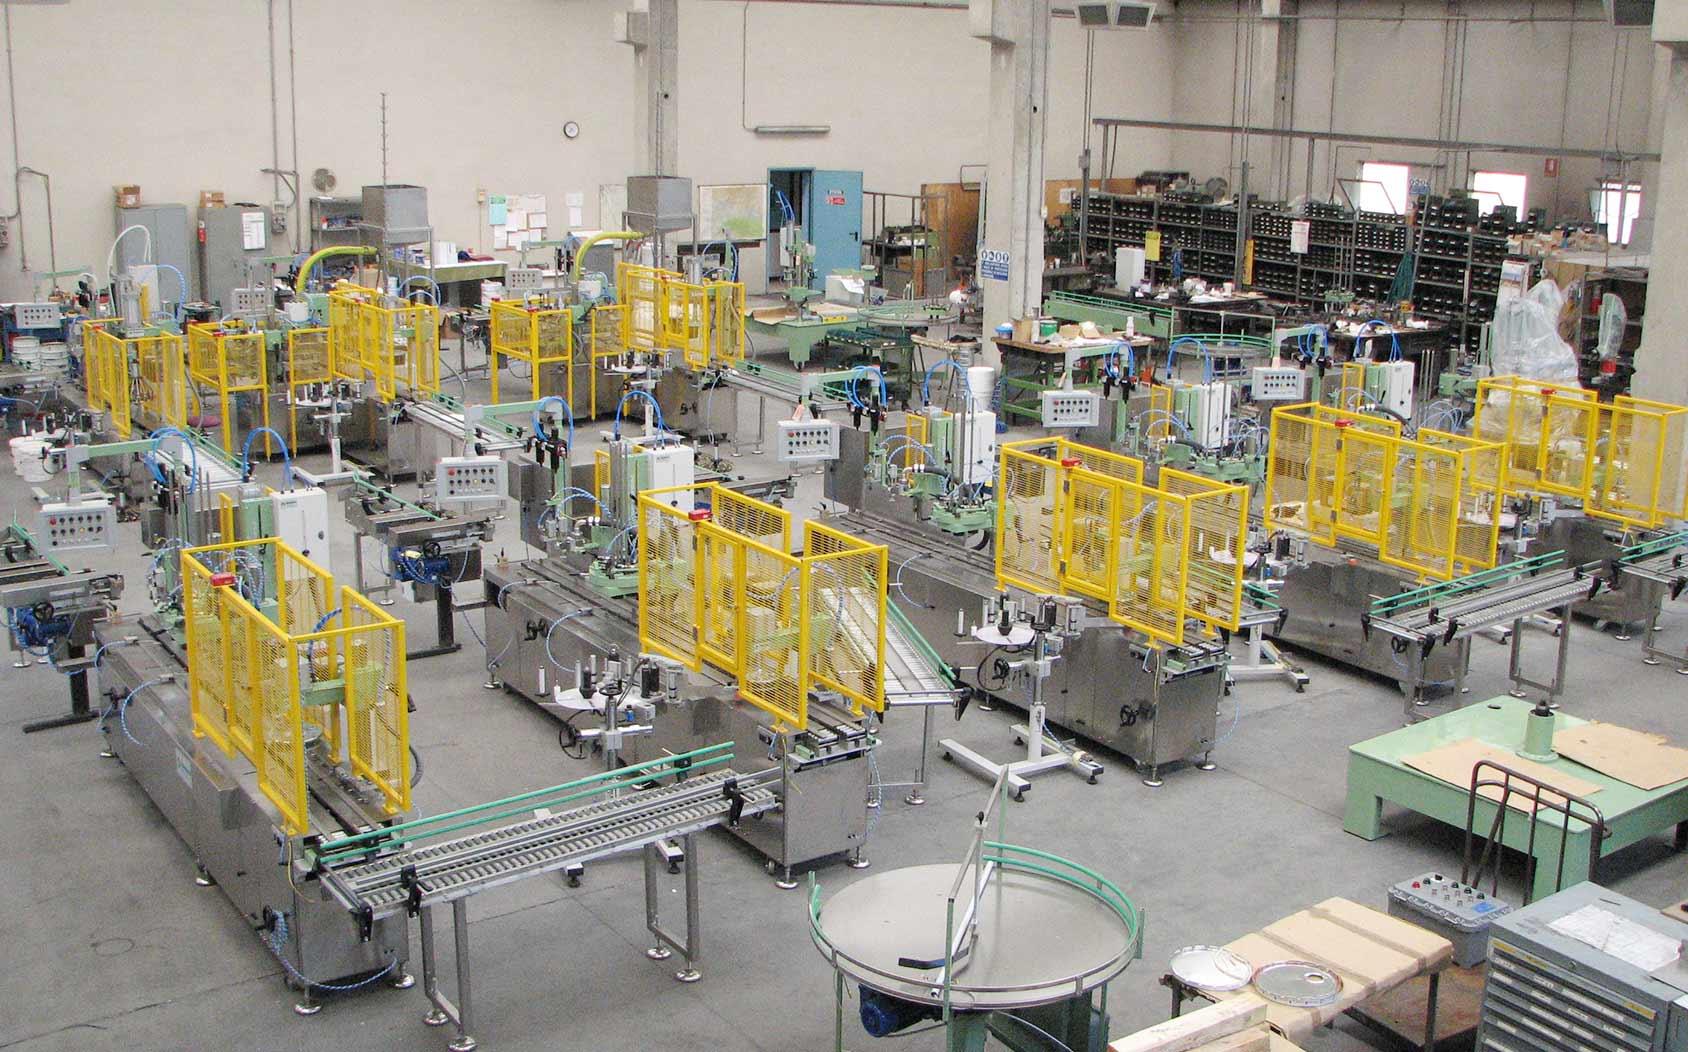 produzione macchina dosatrici immea rovato brescia